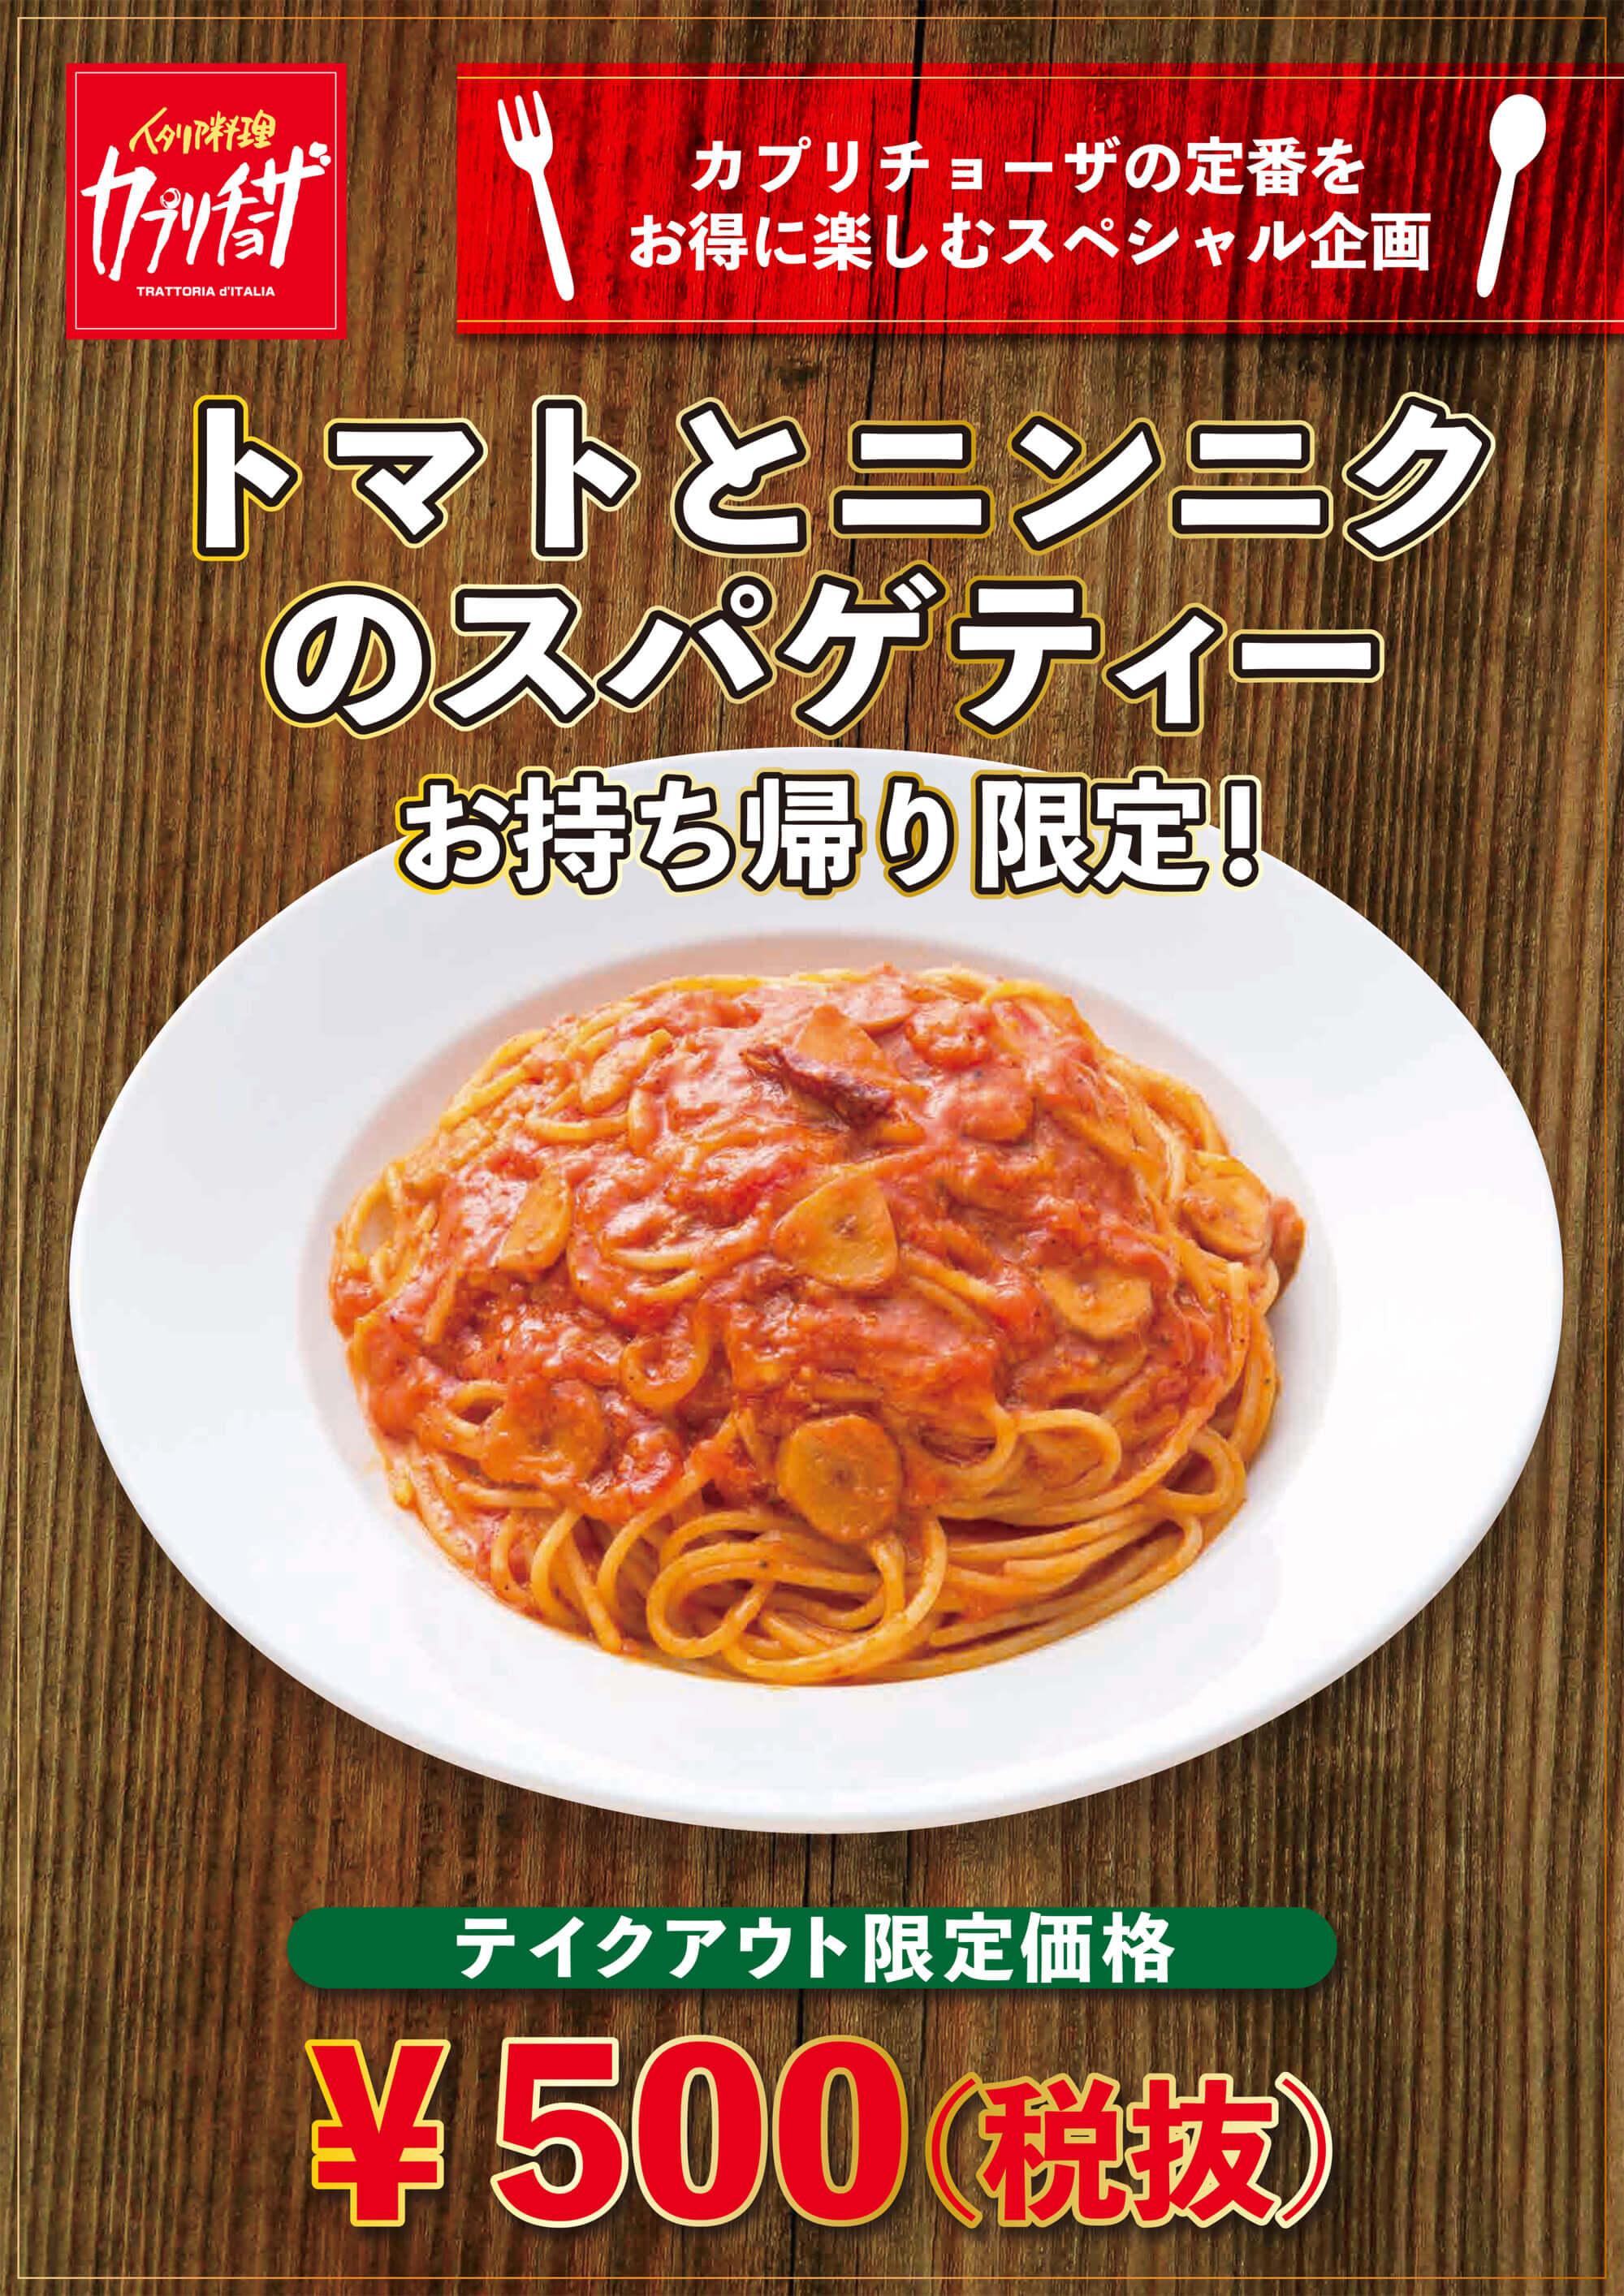 トマトとニンニクのスパゲティがテイクアウトで期間限定500円